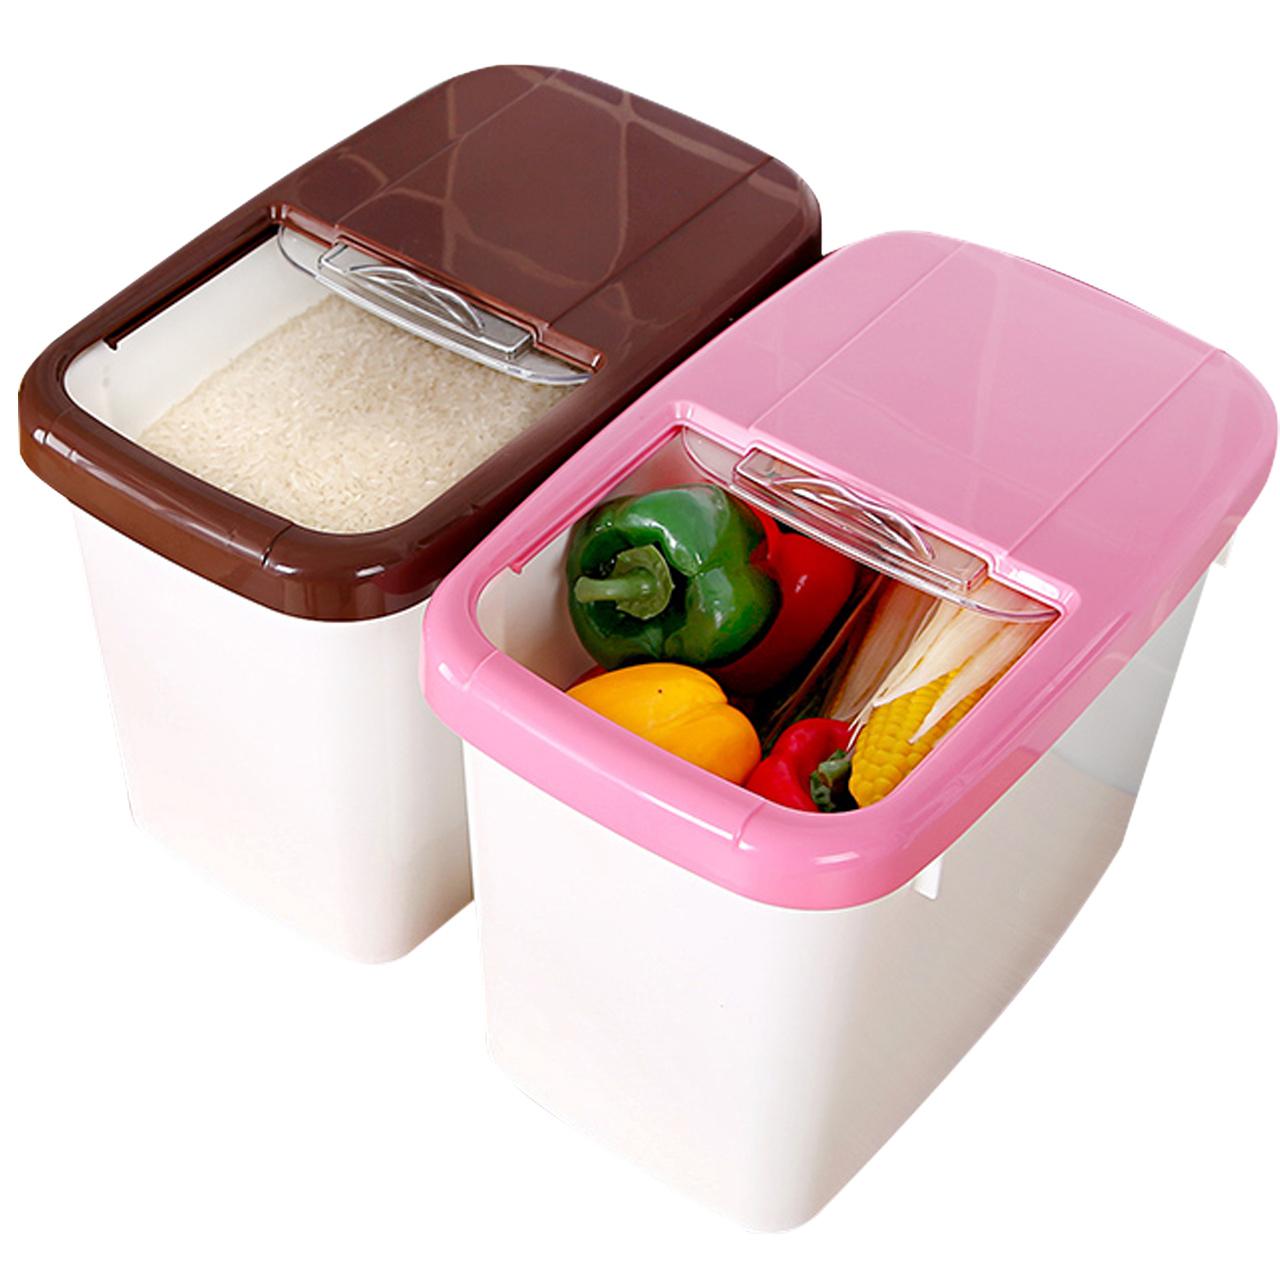 装米桶储米箱 10kg防虫防潮厨房塑料盛放米的米桶密封+米缸杂粮箱